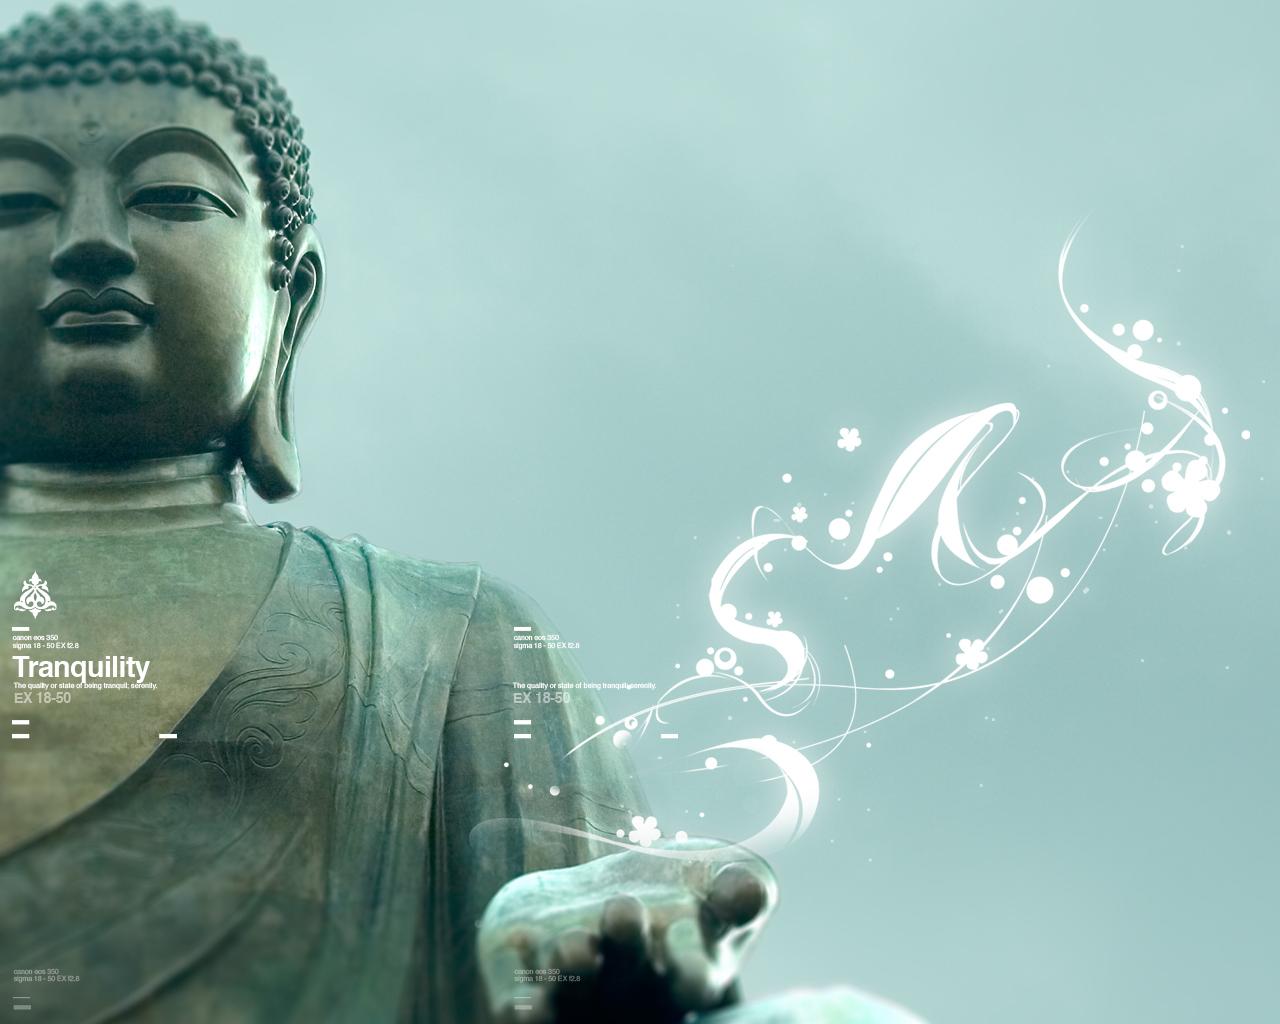 Wallpaper Buddha WallpaperLord Buddha wallpaperGautam Buddha 1280x1024